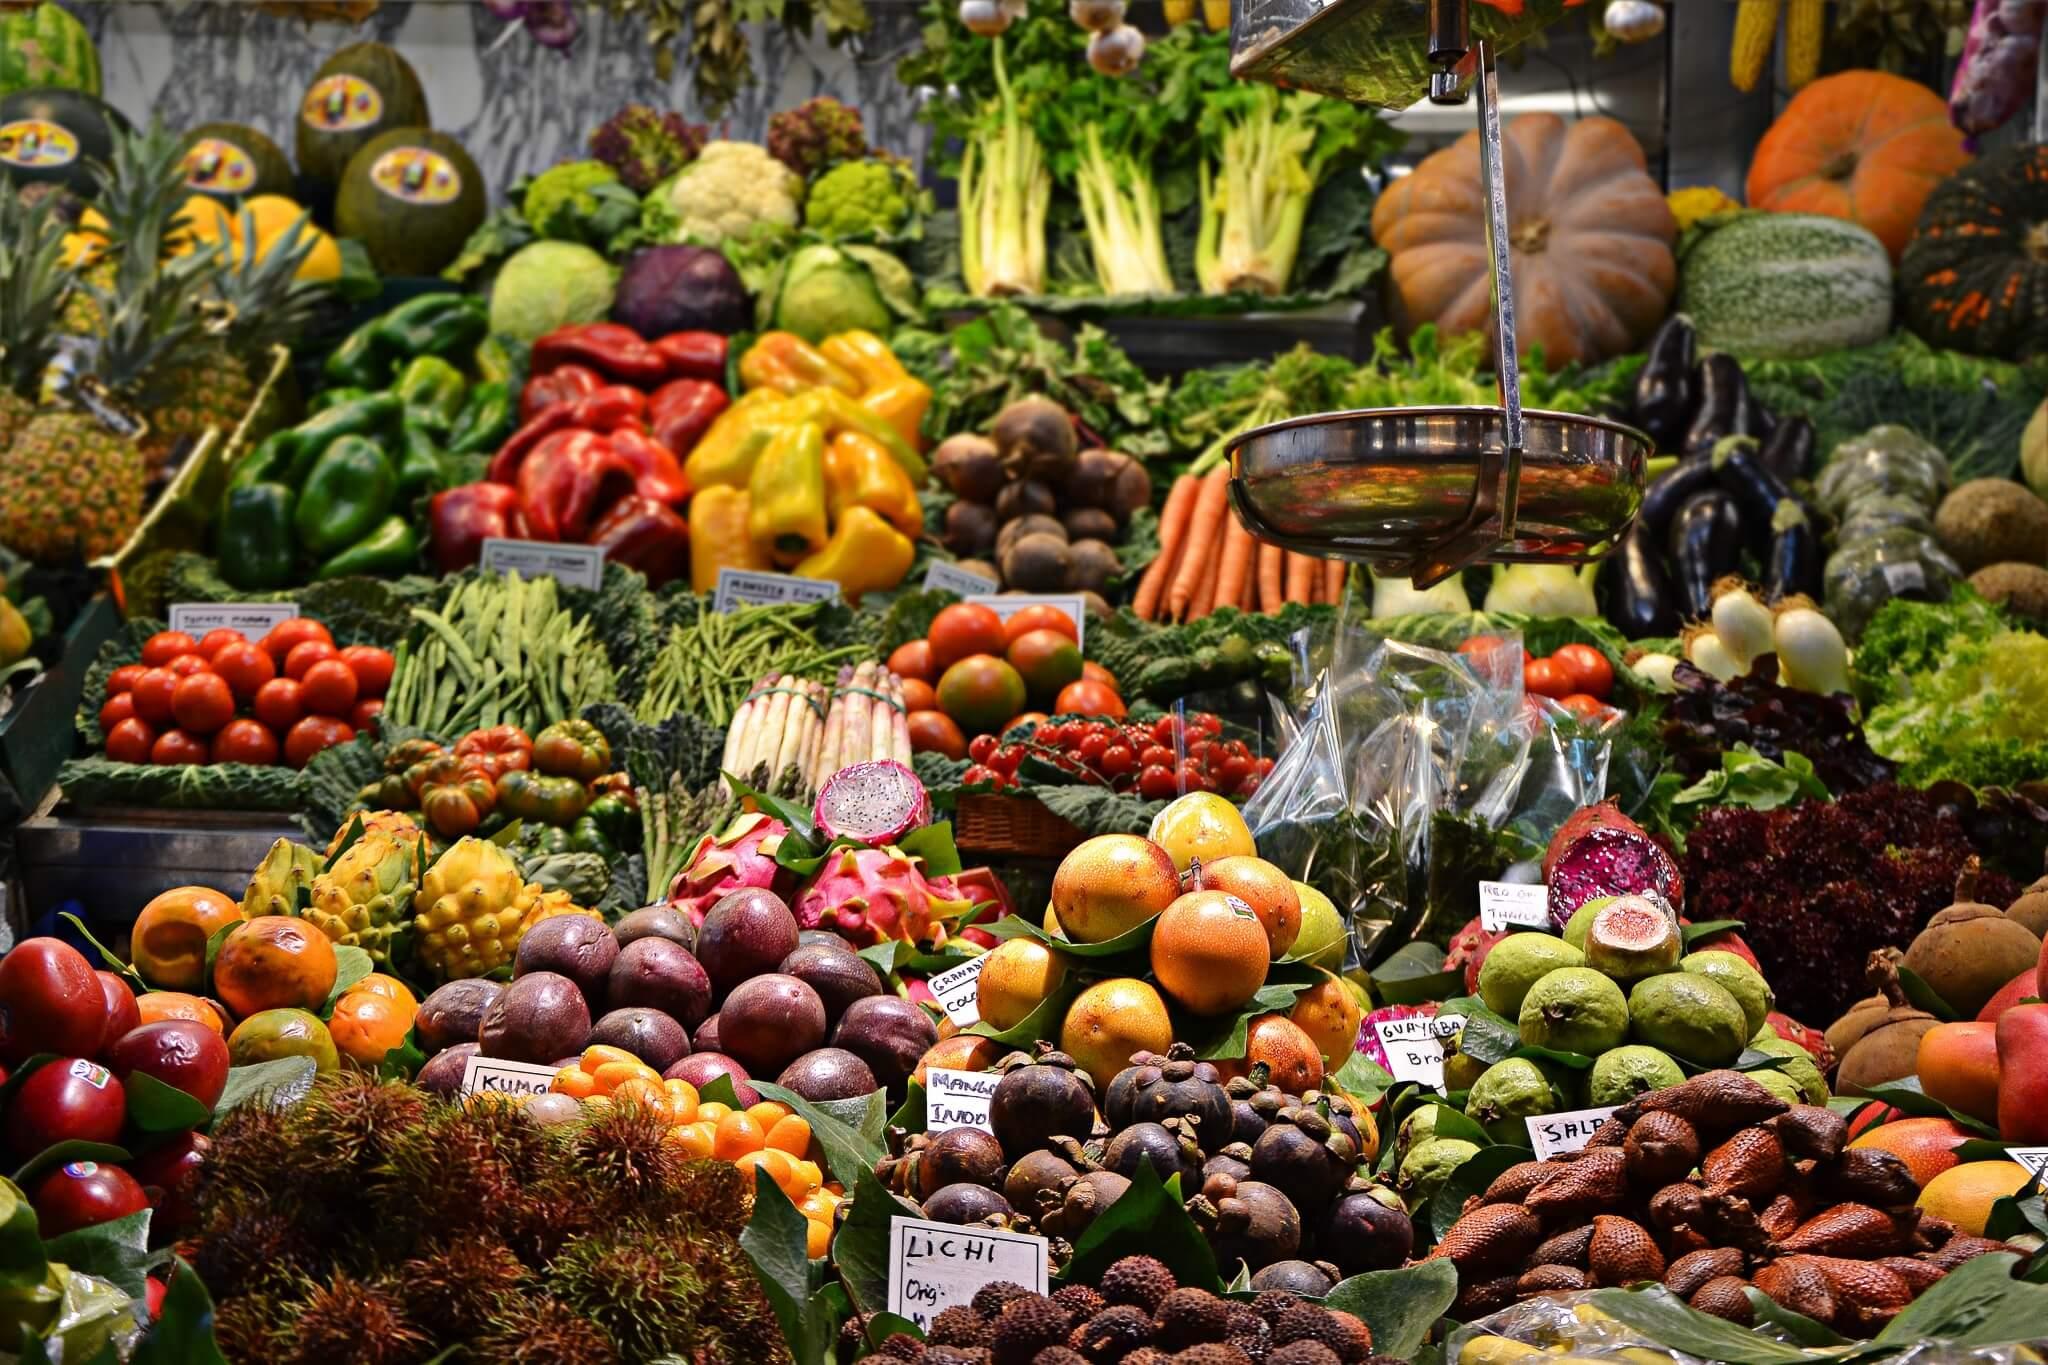 dieta-mediterranea-frutas-y-verduras